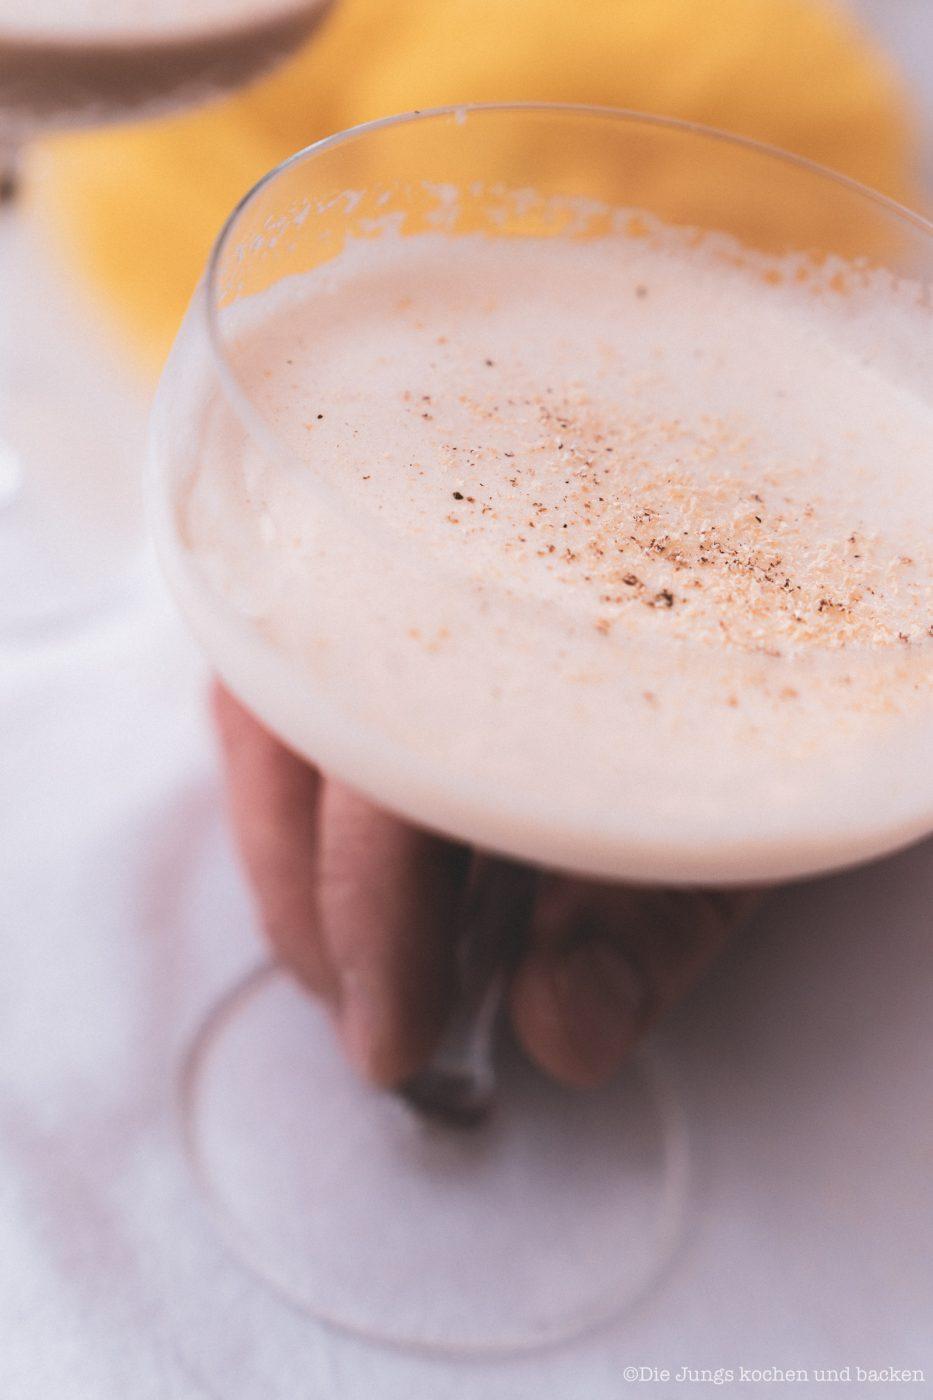 Coffee Eggnog 8 | An Ostern steht der Eierlikör immer hoch im Kurs ... ok, den Rest des Jahres auch. Aber gerade um die Ostertage basteln wir immer an extra vielen Rezepten um unser Lieblingsgetränk. Als wir uns mit Maja, Mika, Theres und Benni zum Osterbrunch verabredet haben, war schon mal schnell klar, dass ich einen Begrüßungsdrink zaubern möchte! So ein Osterbrunch kann ja auch gerne mal mit einem Cocktail starten - ist ja ein Feiertag! Unser Coffee Eggnog war der perfekte Begrüßungsdrink zum Food.Blog.Friends Osterbrunch - außerdem zählt er zu den nicht mehr so bekannten Eggnog Cocktails.